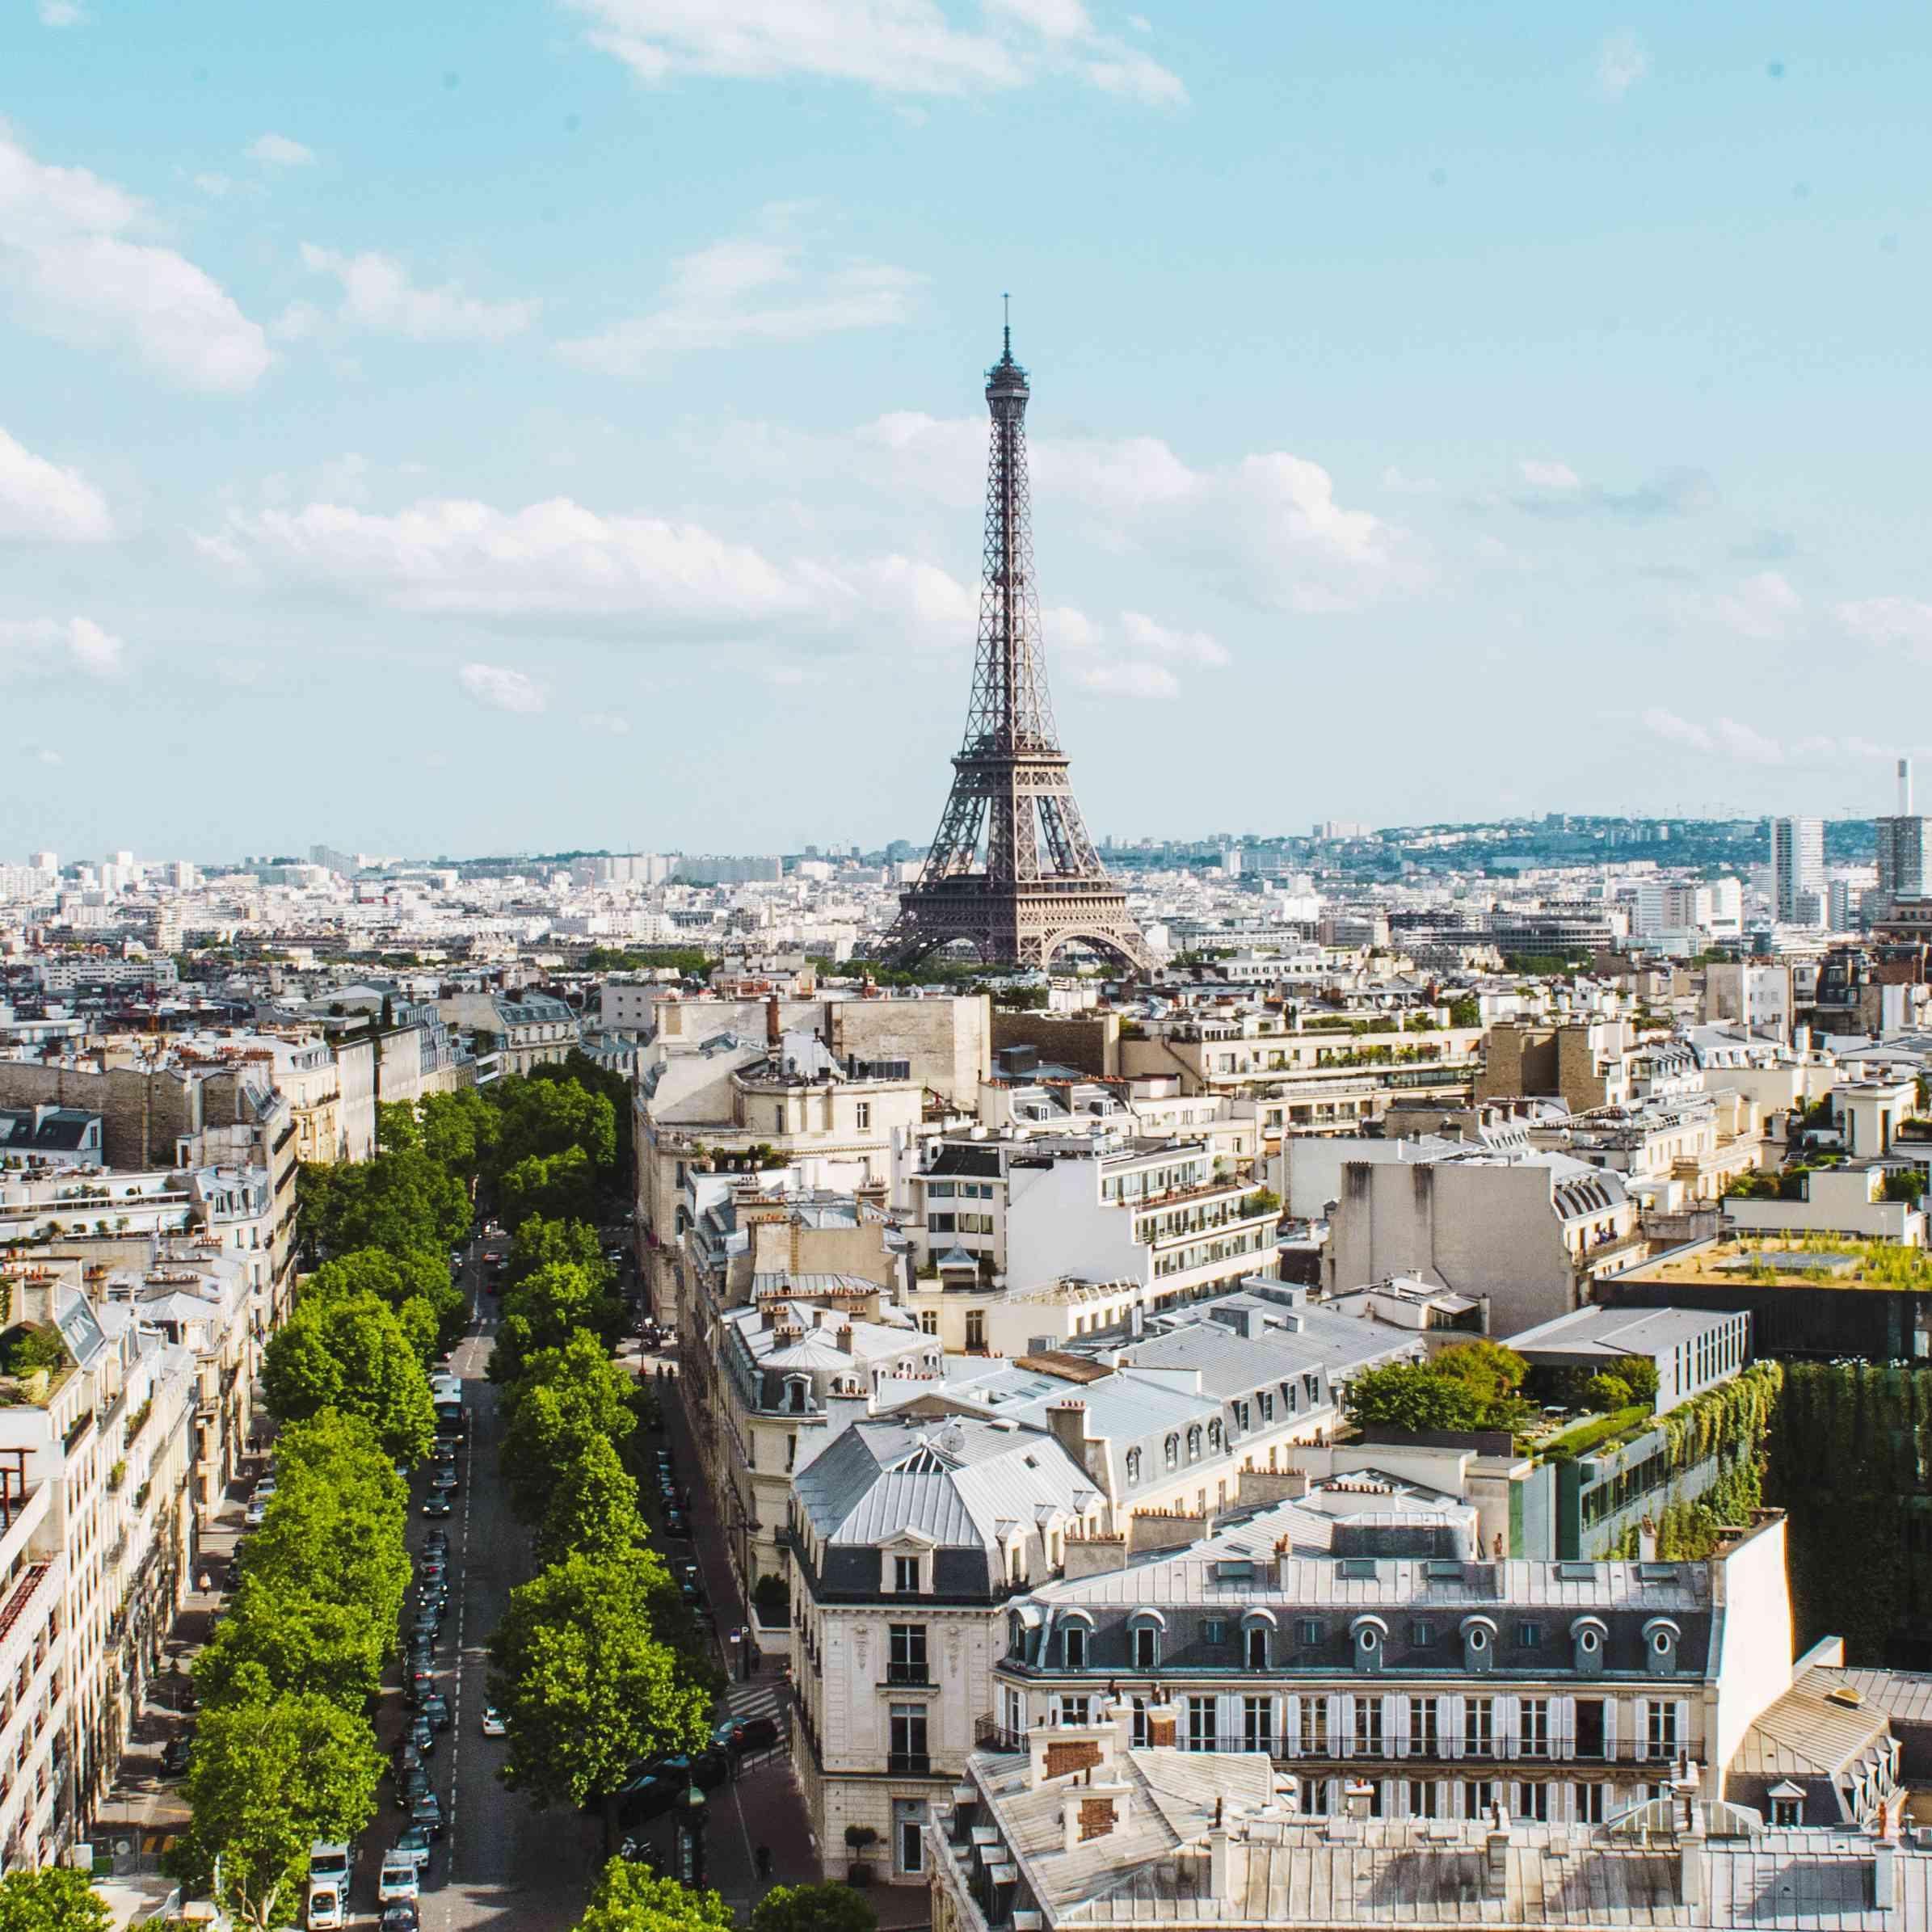 most visited sites in paris